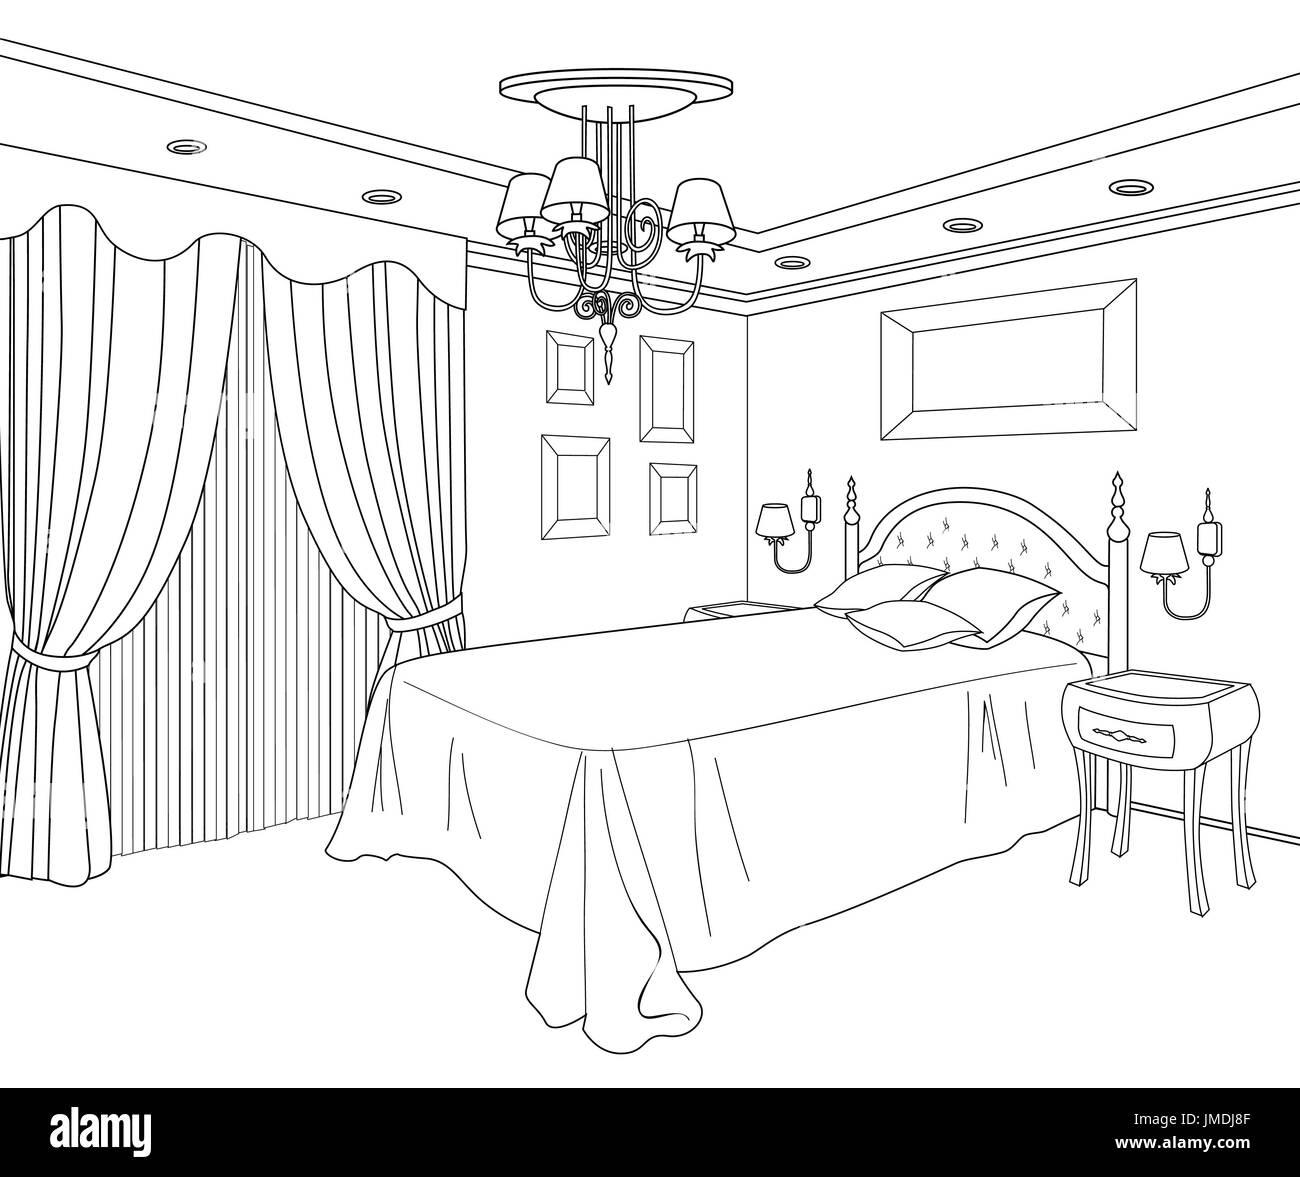 Meubles De Chambre A Coucher Doodle Croquis De La Ligne Home